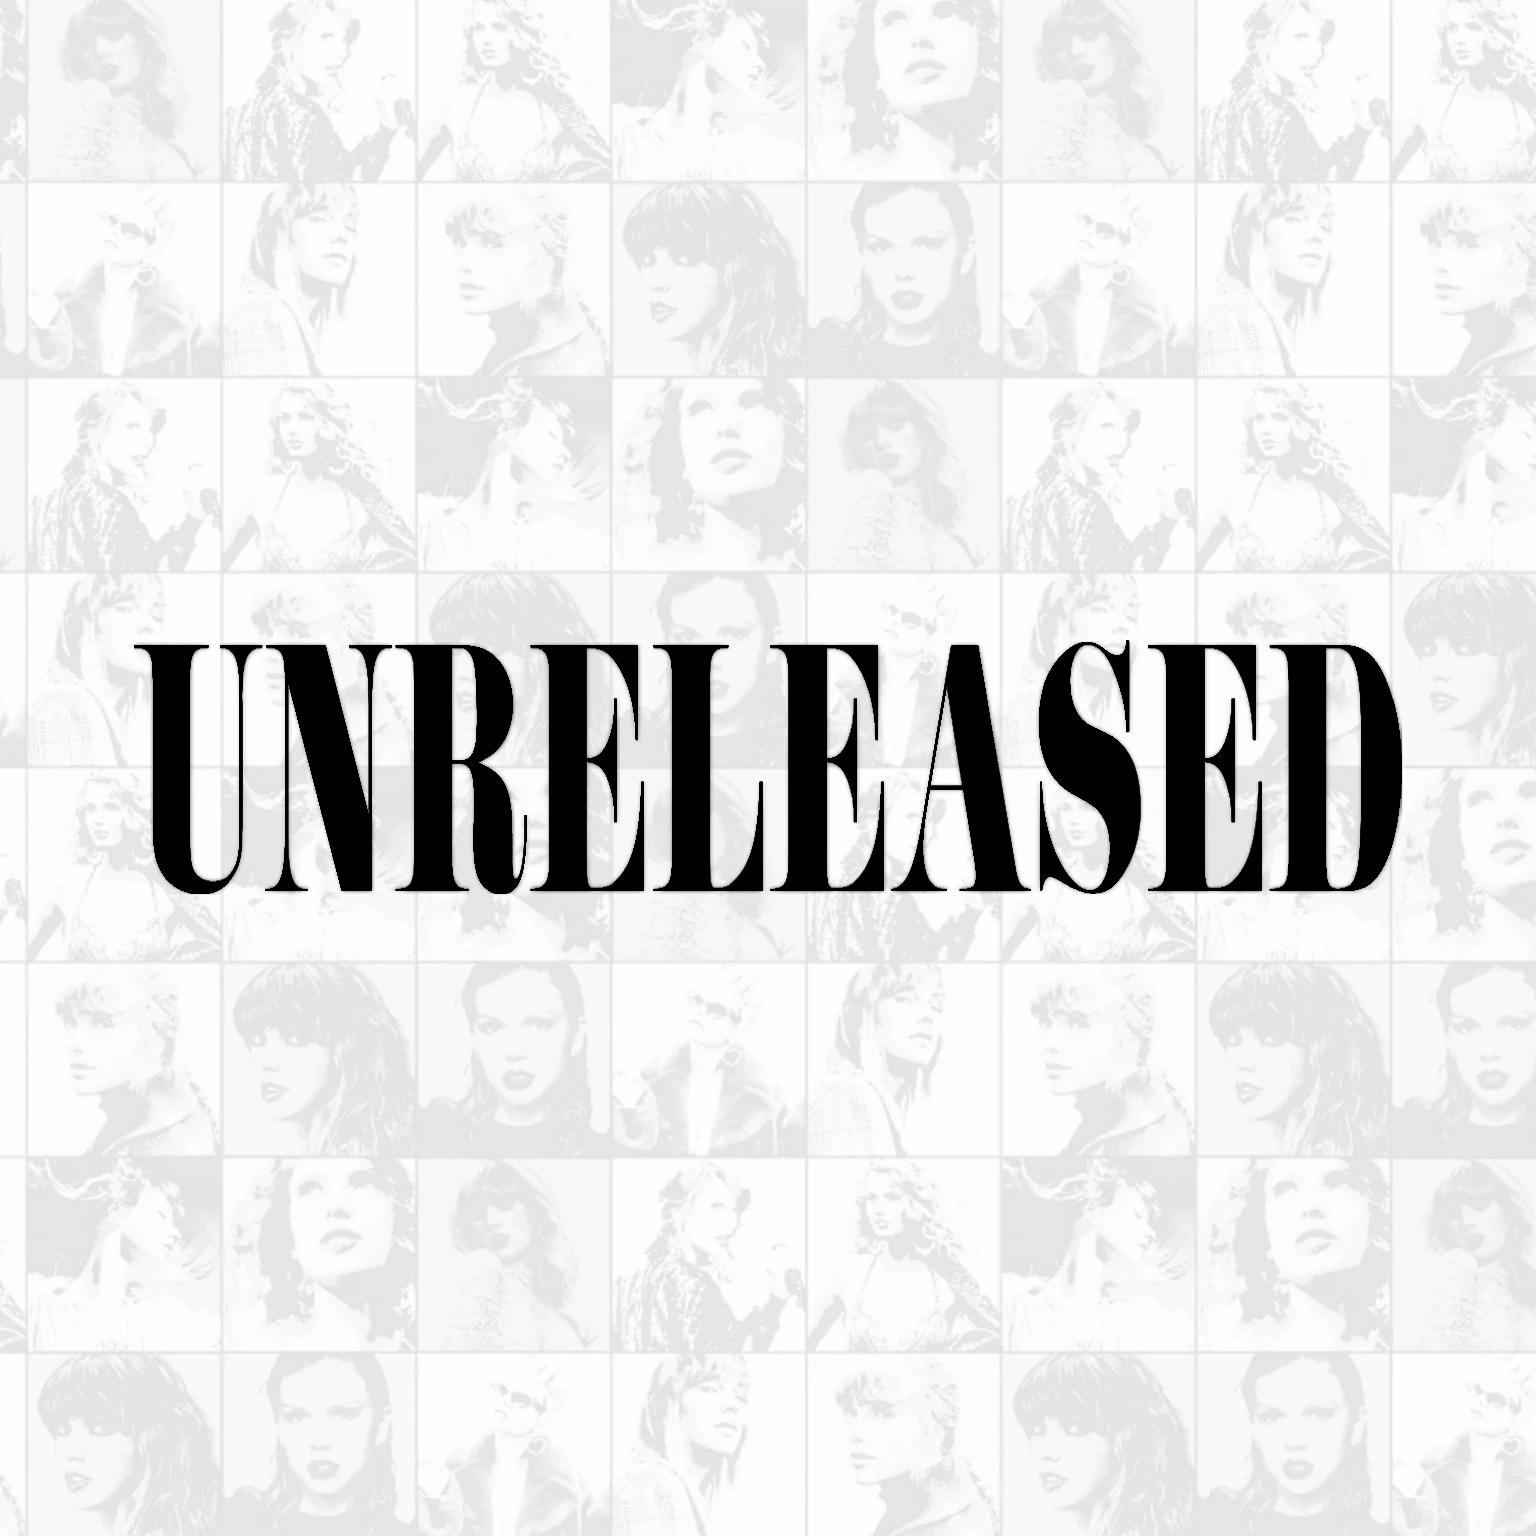 Category:Unreleased songs | Taylor Swift Wiki | FANDOM powered by Wikia